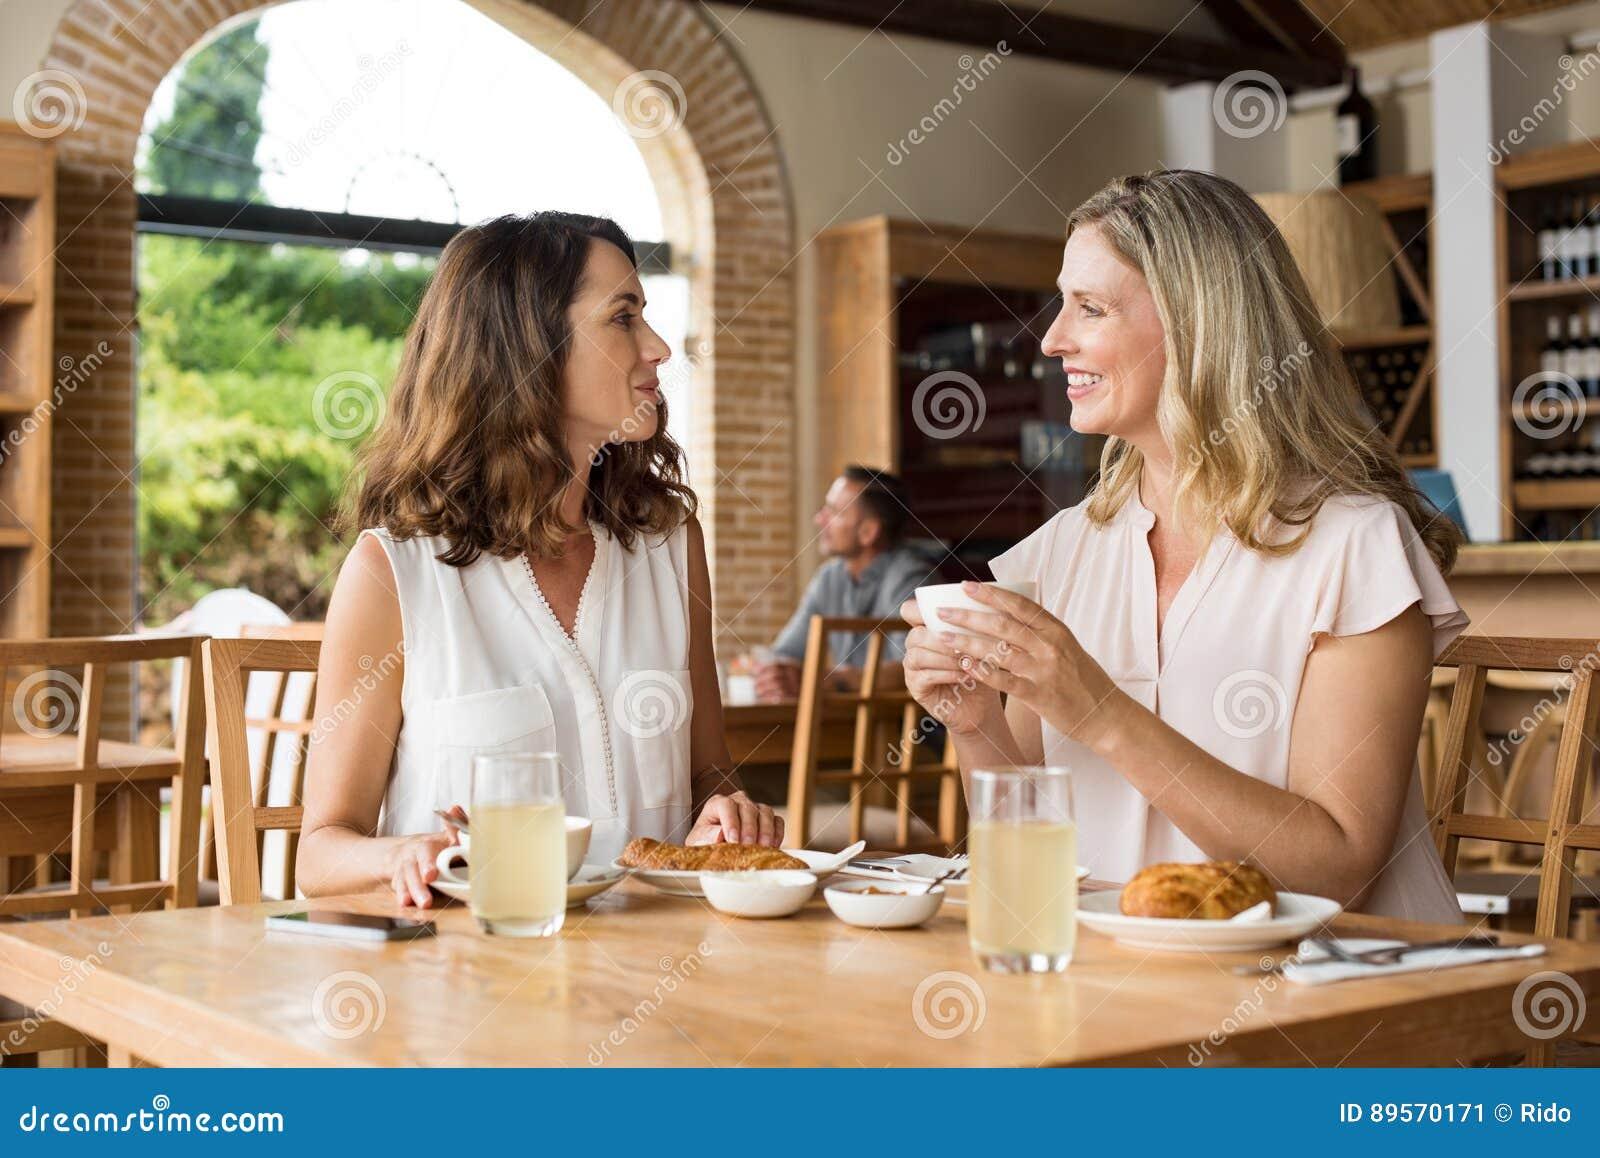 Women talking over coffee